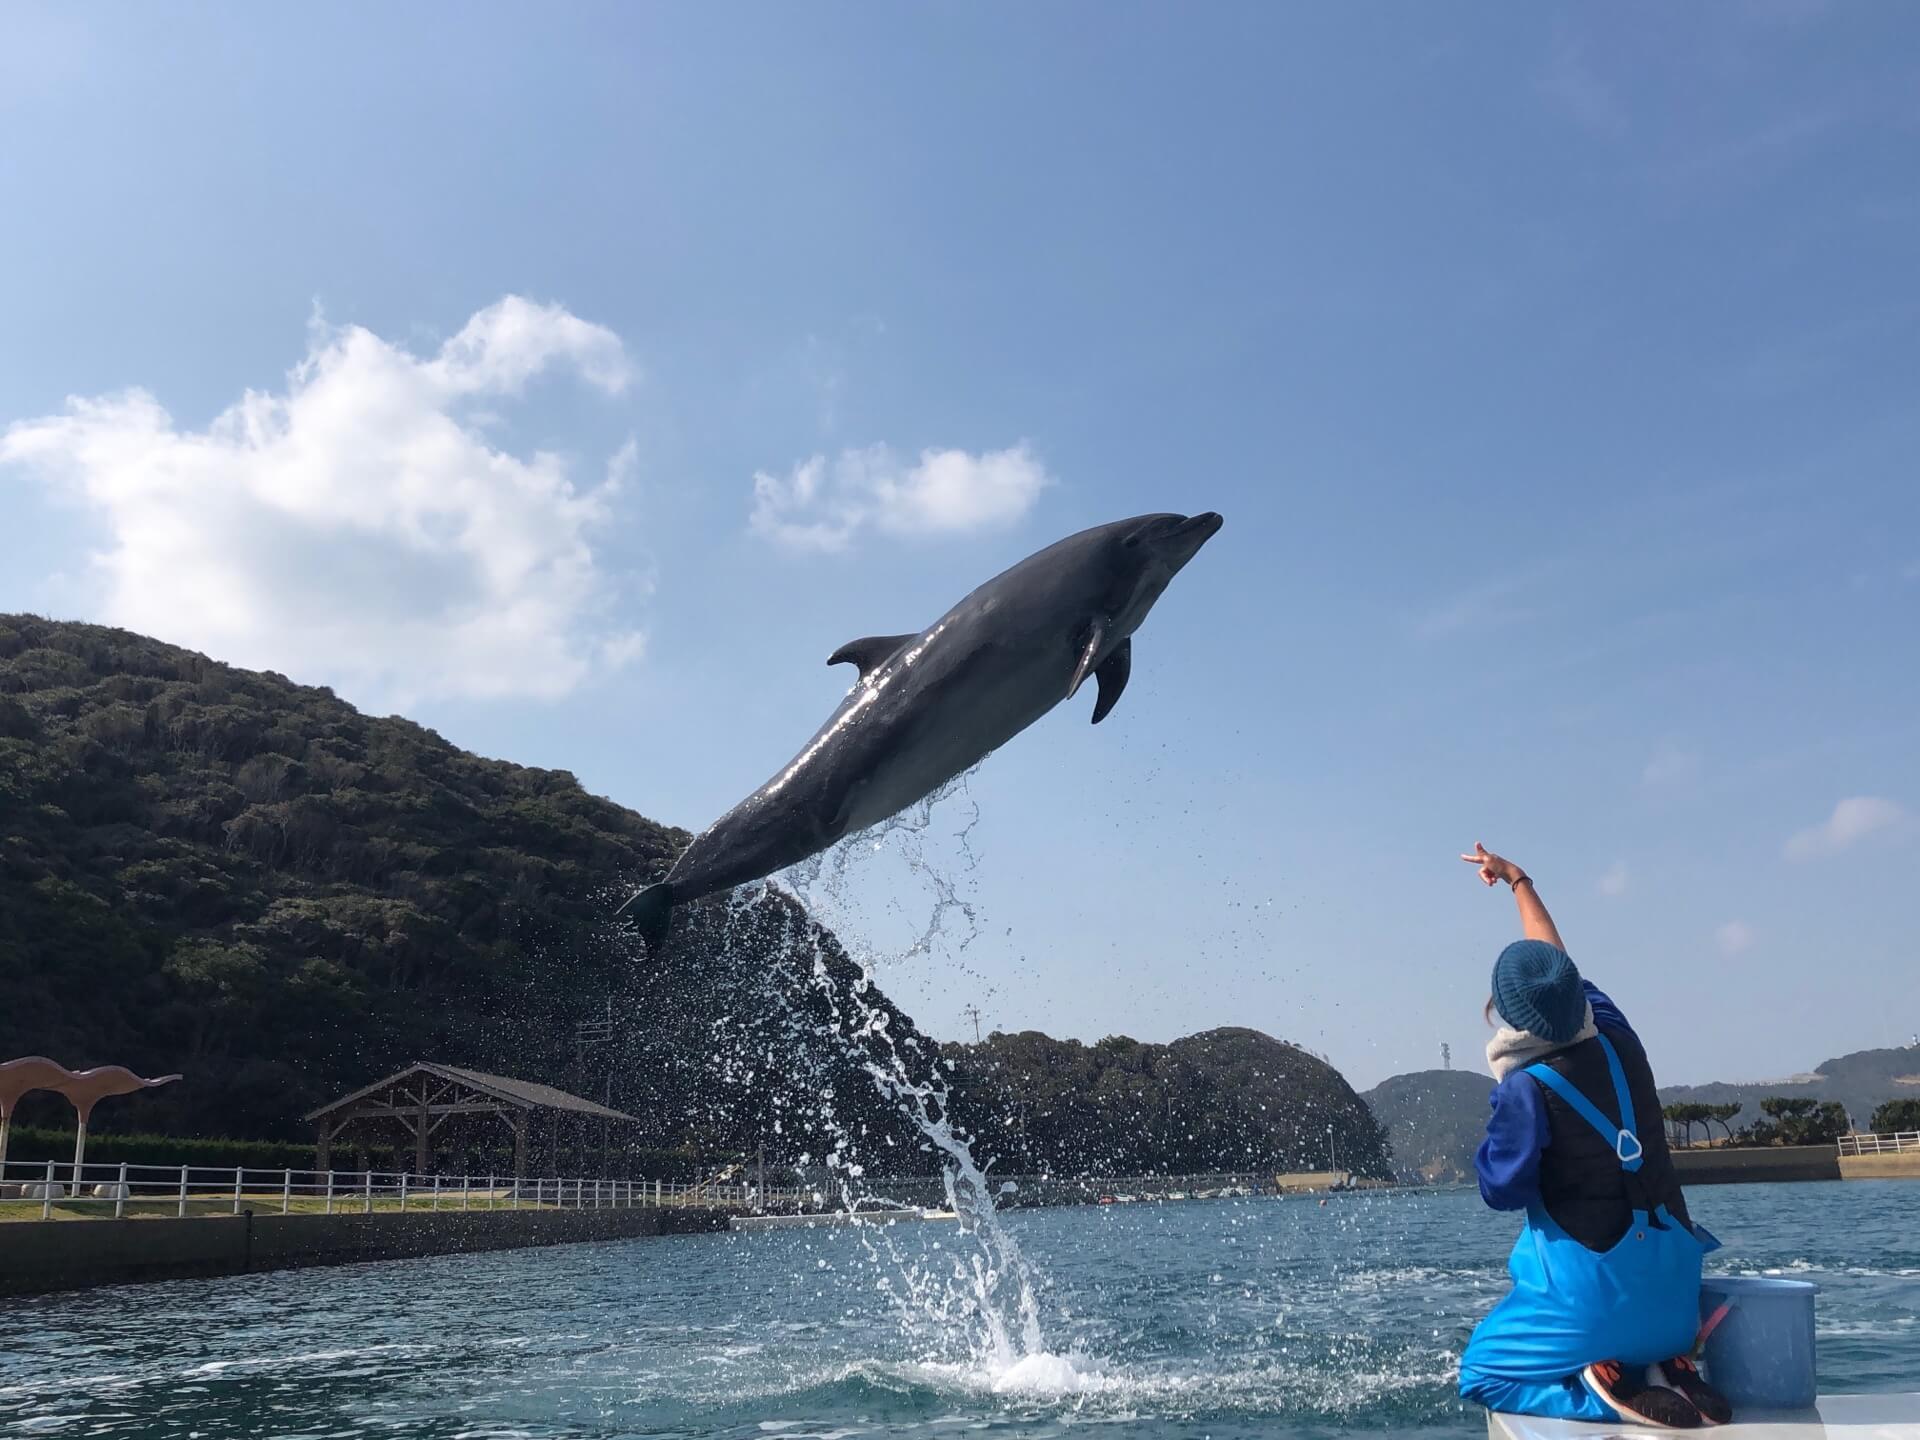 壱岐イルカパーク iki dolphin park3